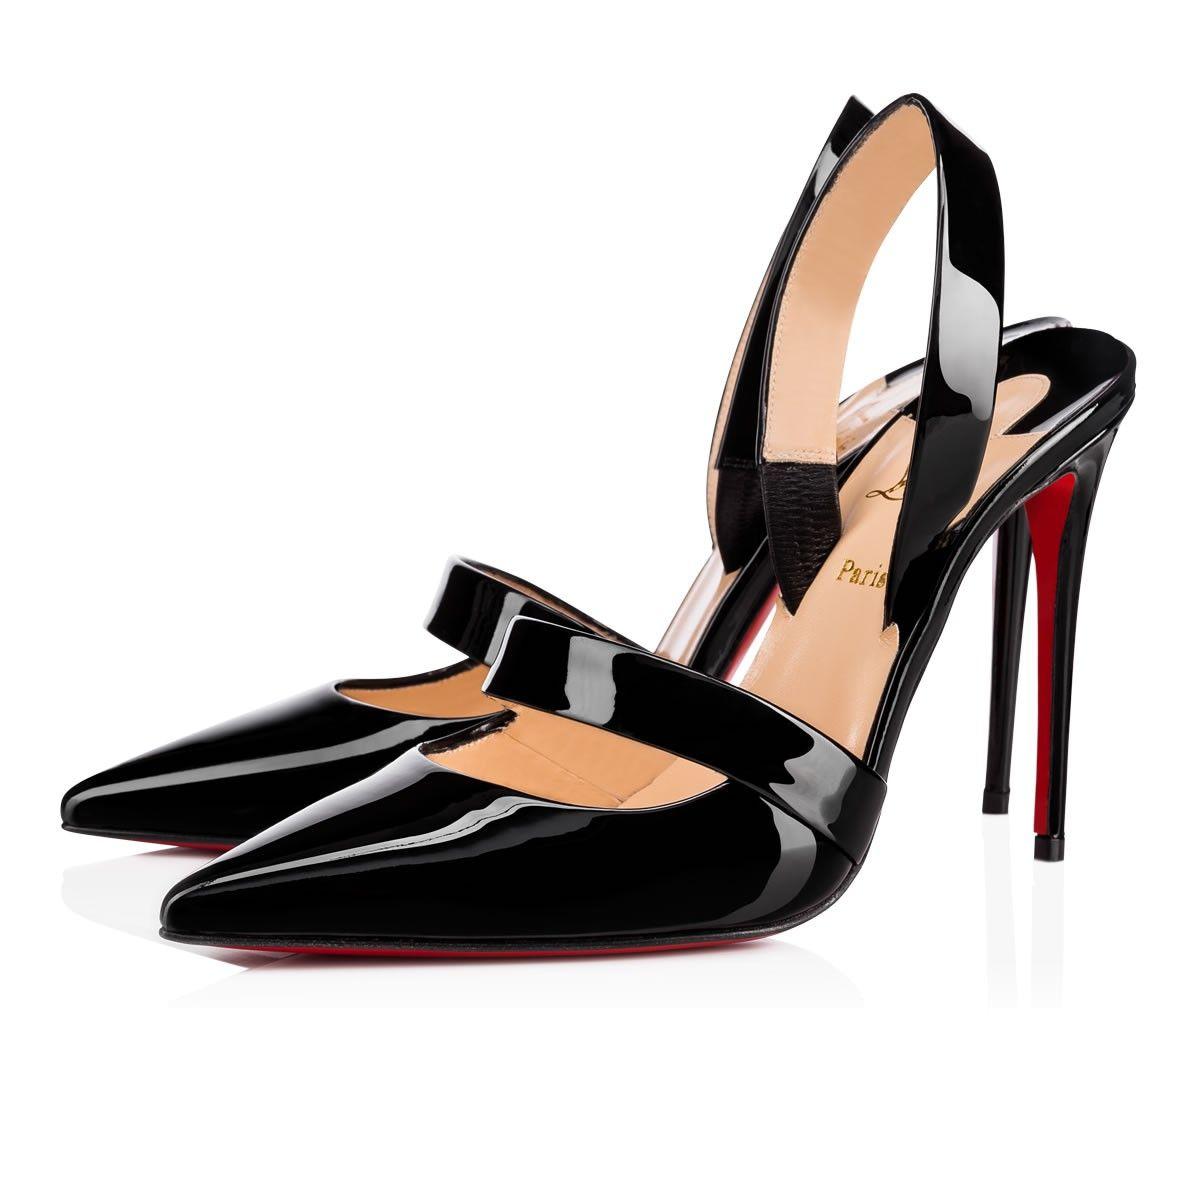 e7d2f26e4b62 Actina 100 Black Patent Leather - Women Shoes - Christian Louboutin ...